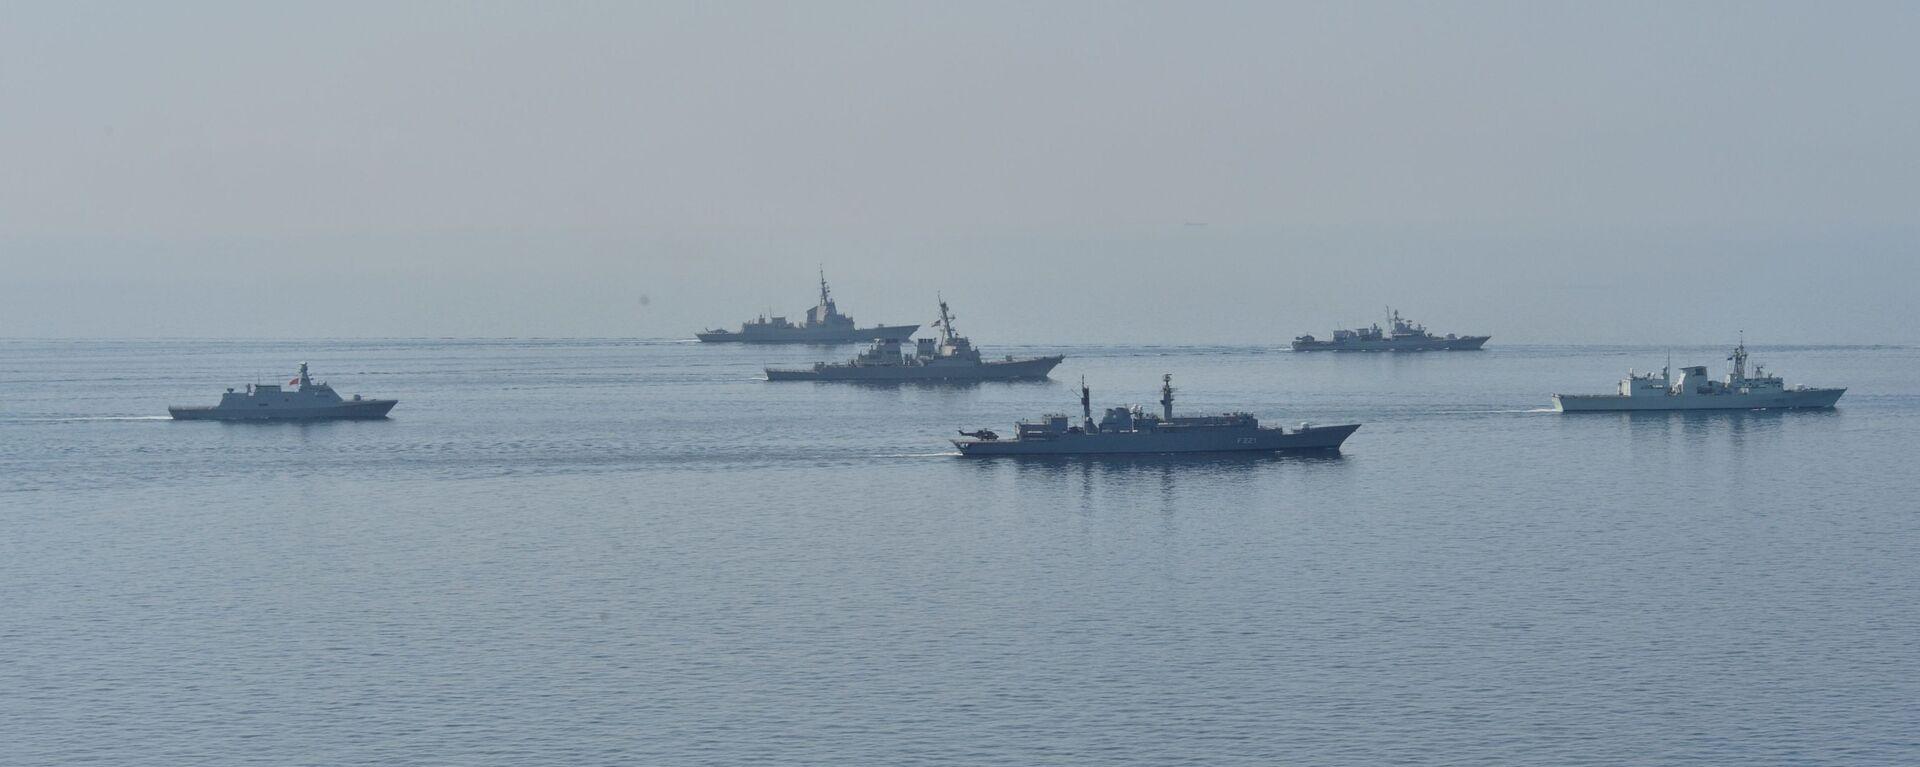 Војне вежбе Морски поветарац на Црном мору у којима учествују бродови Украјине, Грузије, Румуније, Турске, Летоније и САД - Sputnik Србија, 1920, 27.08.2021